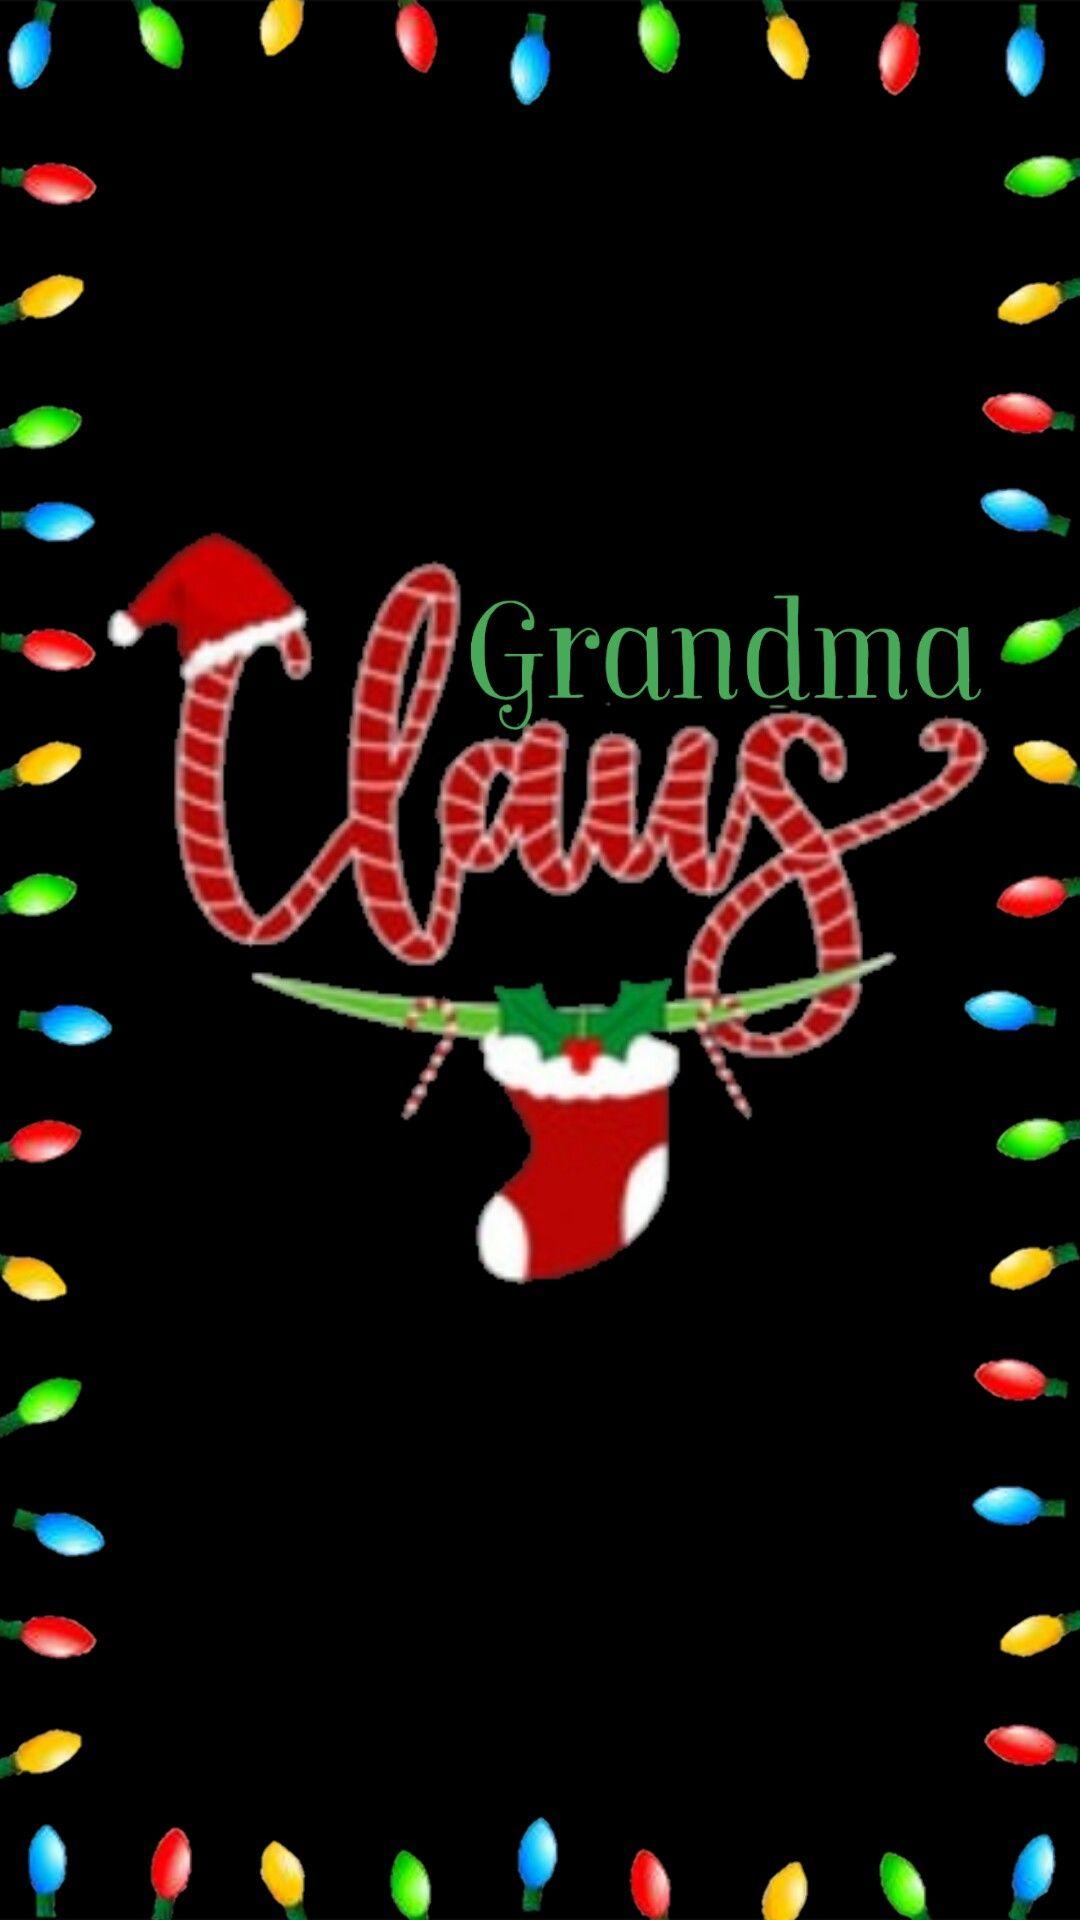 Grandma Claus 👵🏻 Grandma quotes, Family quotes